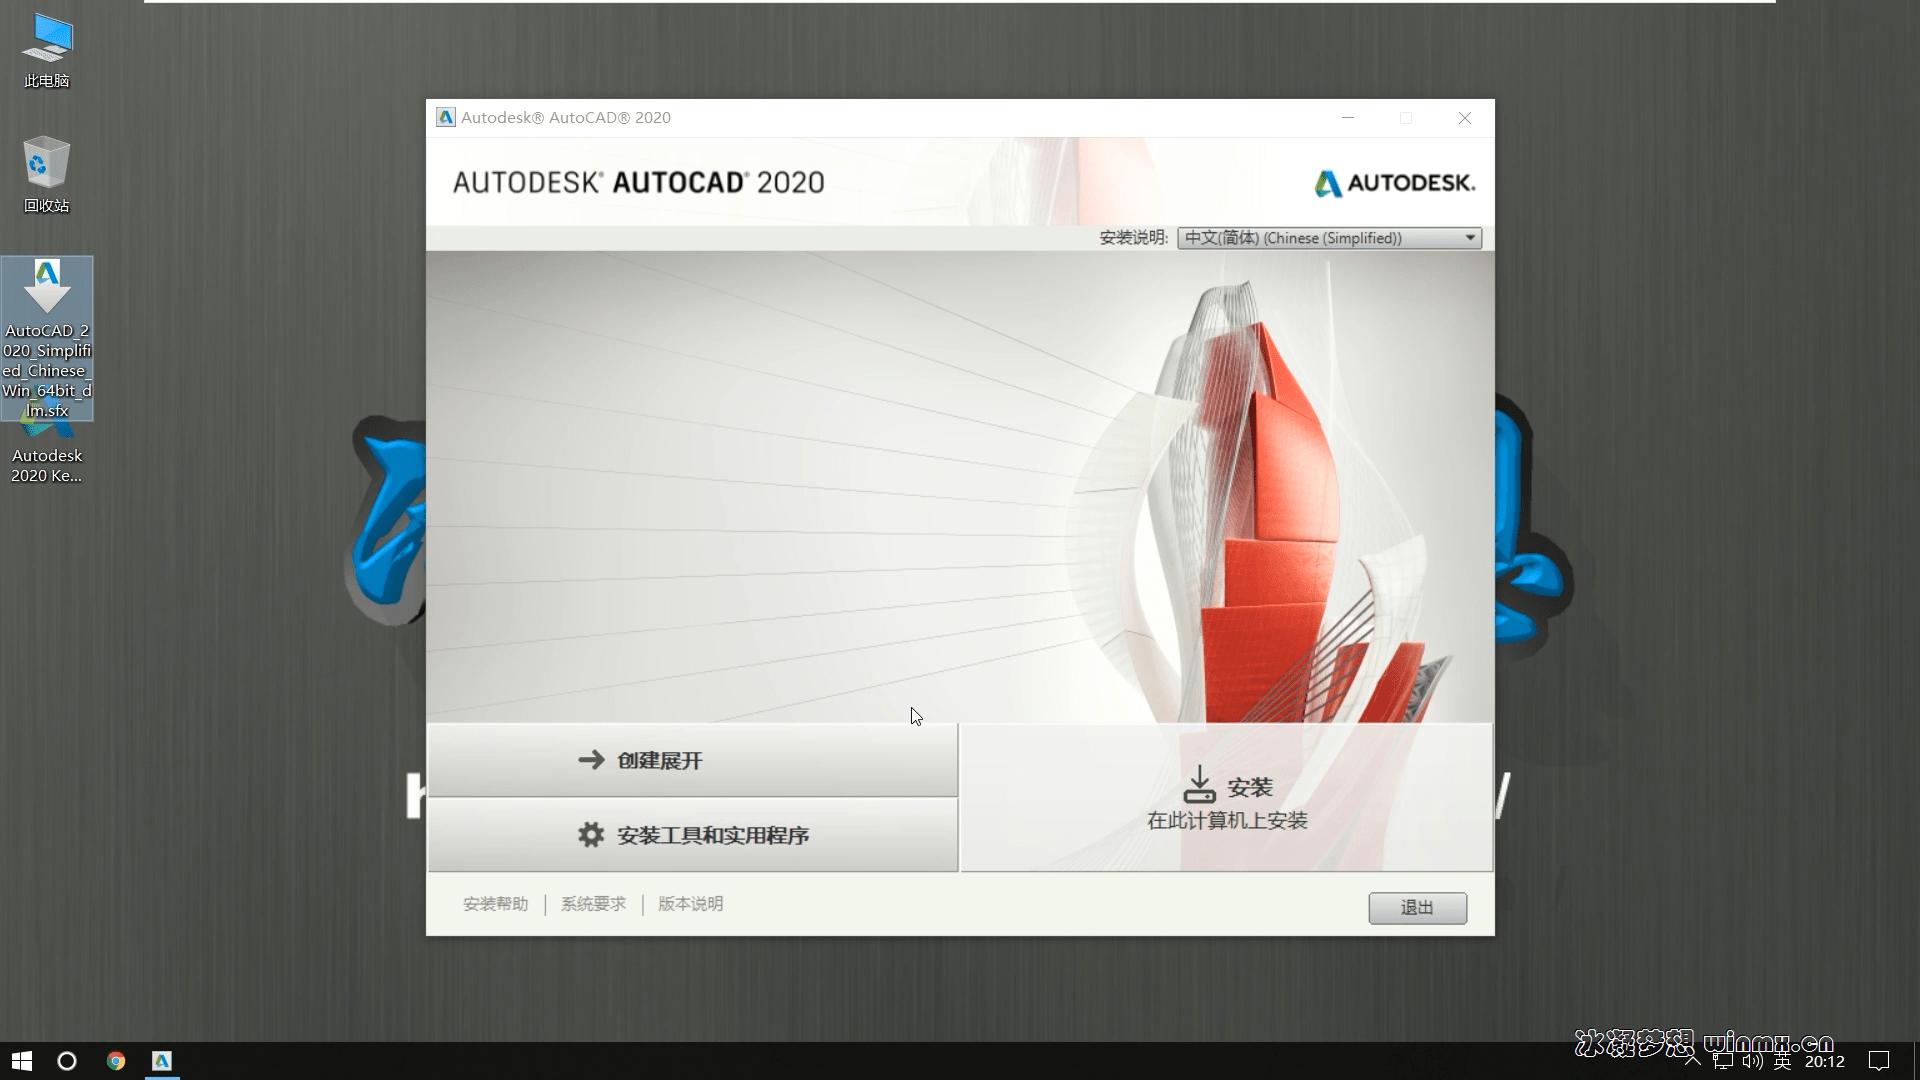 AutoCAD2020简体中文版更新了!!!